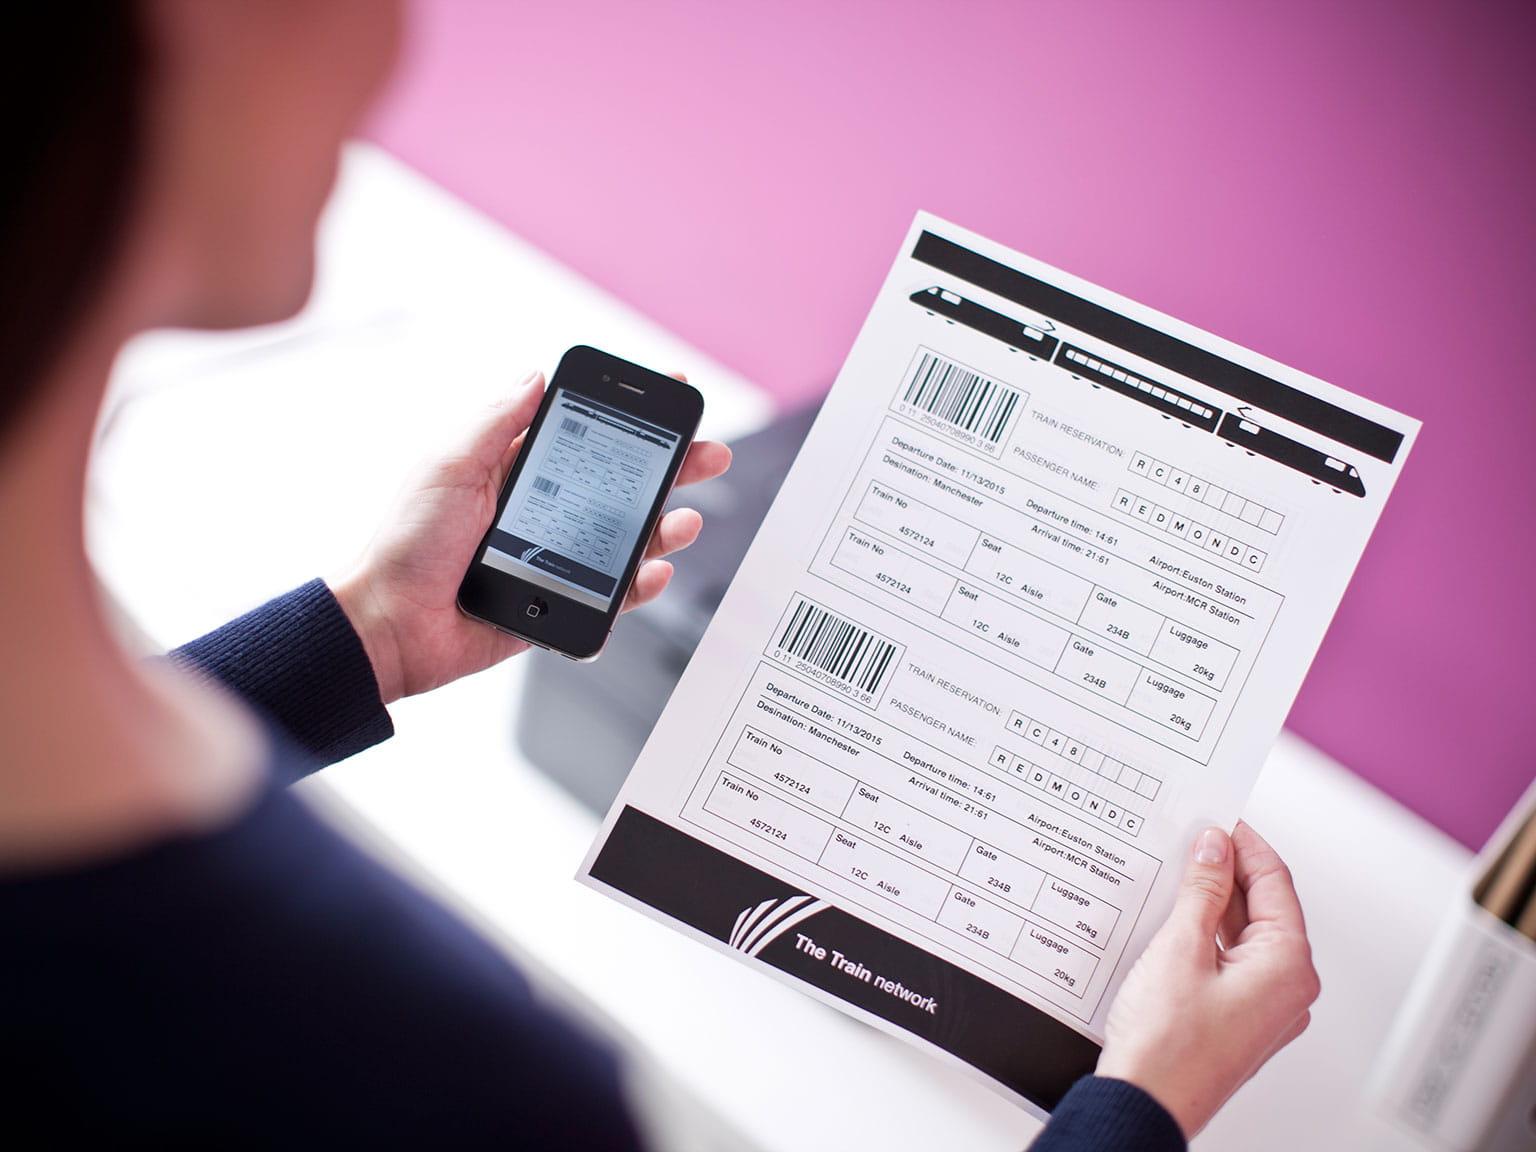 Řešení pro průmyslová odvětví pohostinství mobilní zóna Printsmart